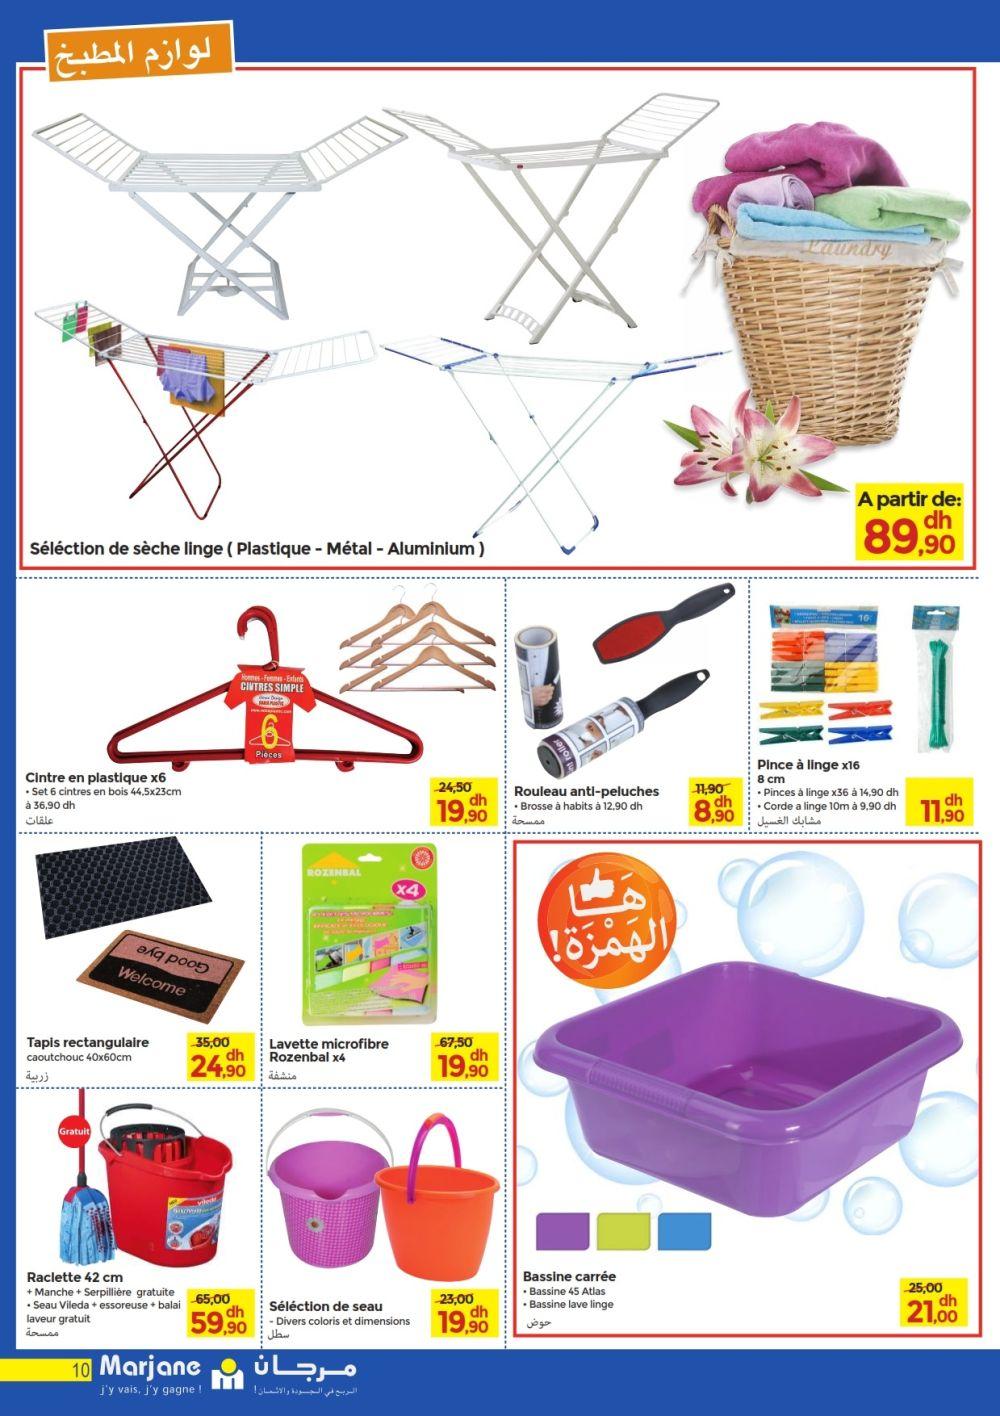 Catalogue Complet Marjane Du 1 Au 20 Janvier 2016 Promotion  # Atlas Plastique